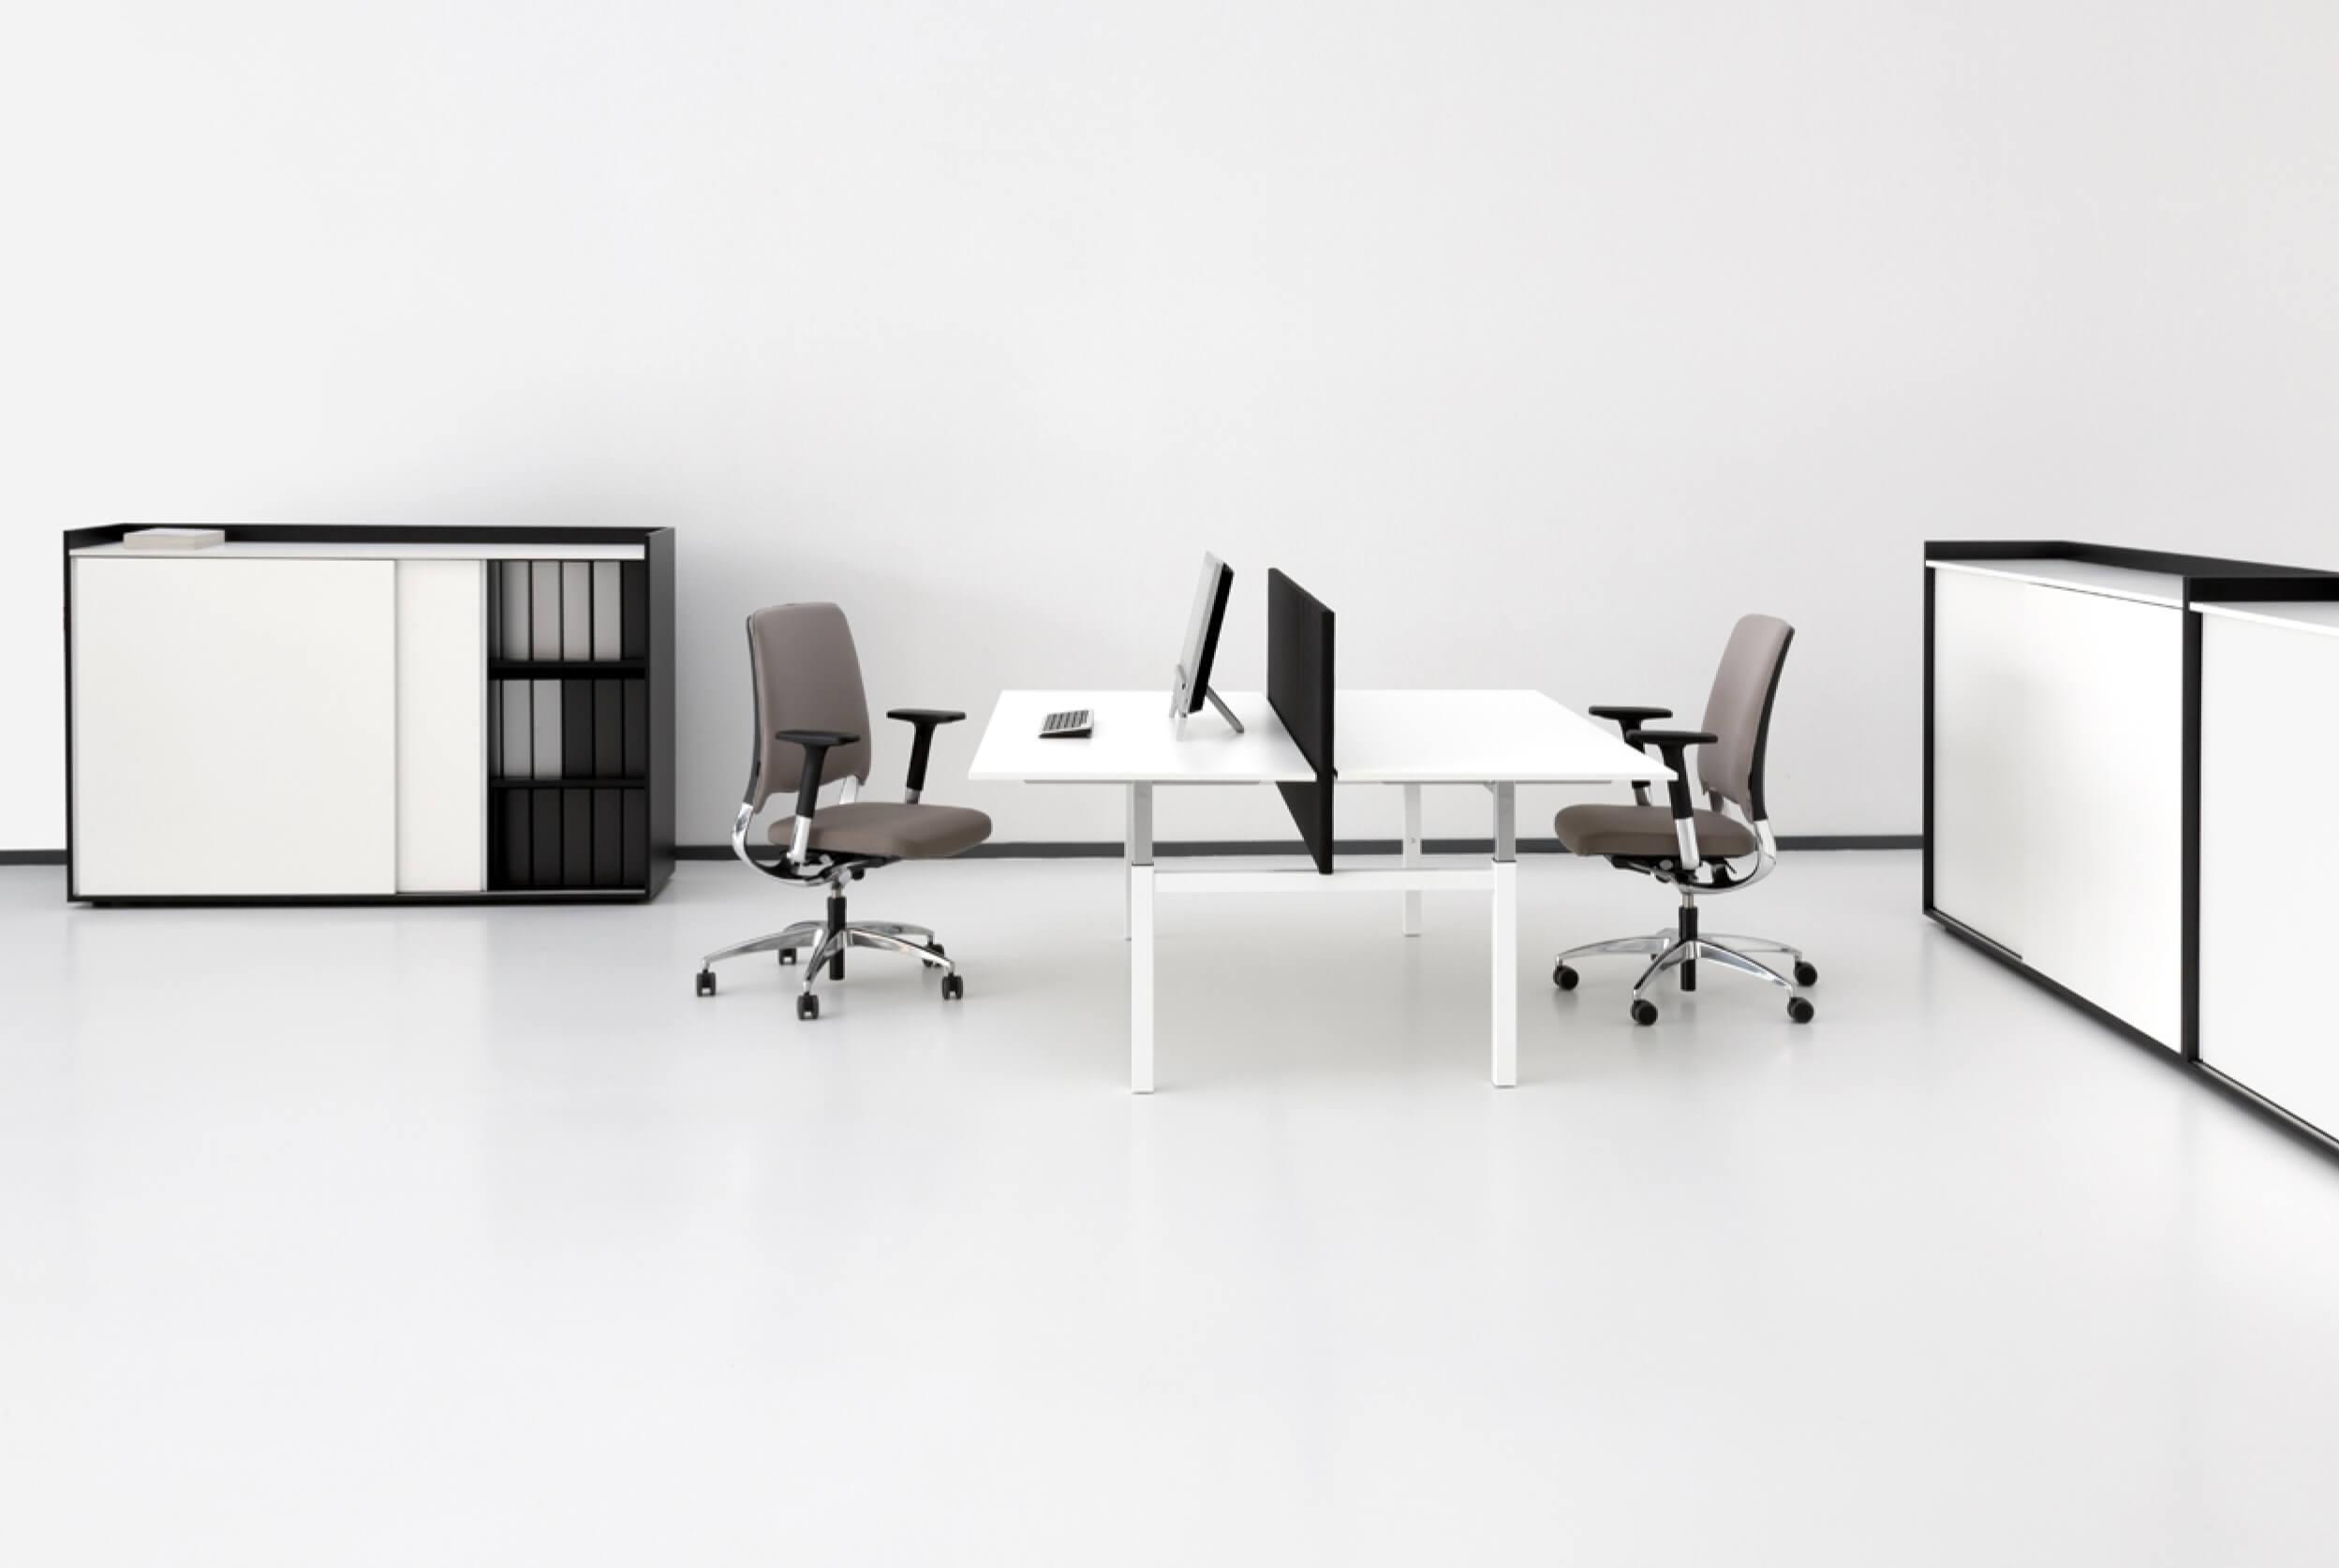 TwinForm T-S15 Duo N [01] Brokx projectinrichting